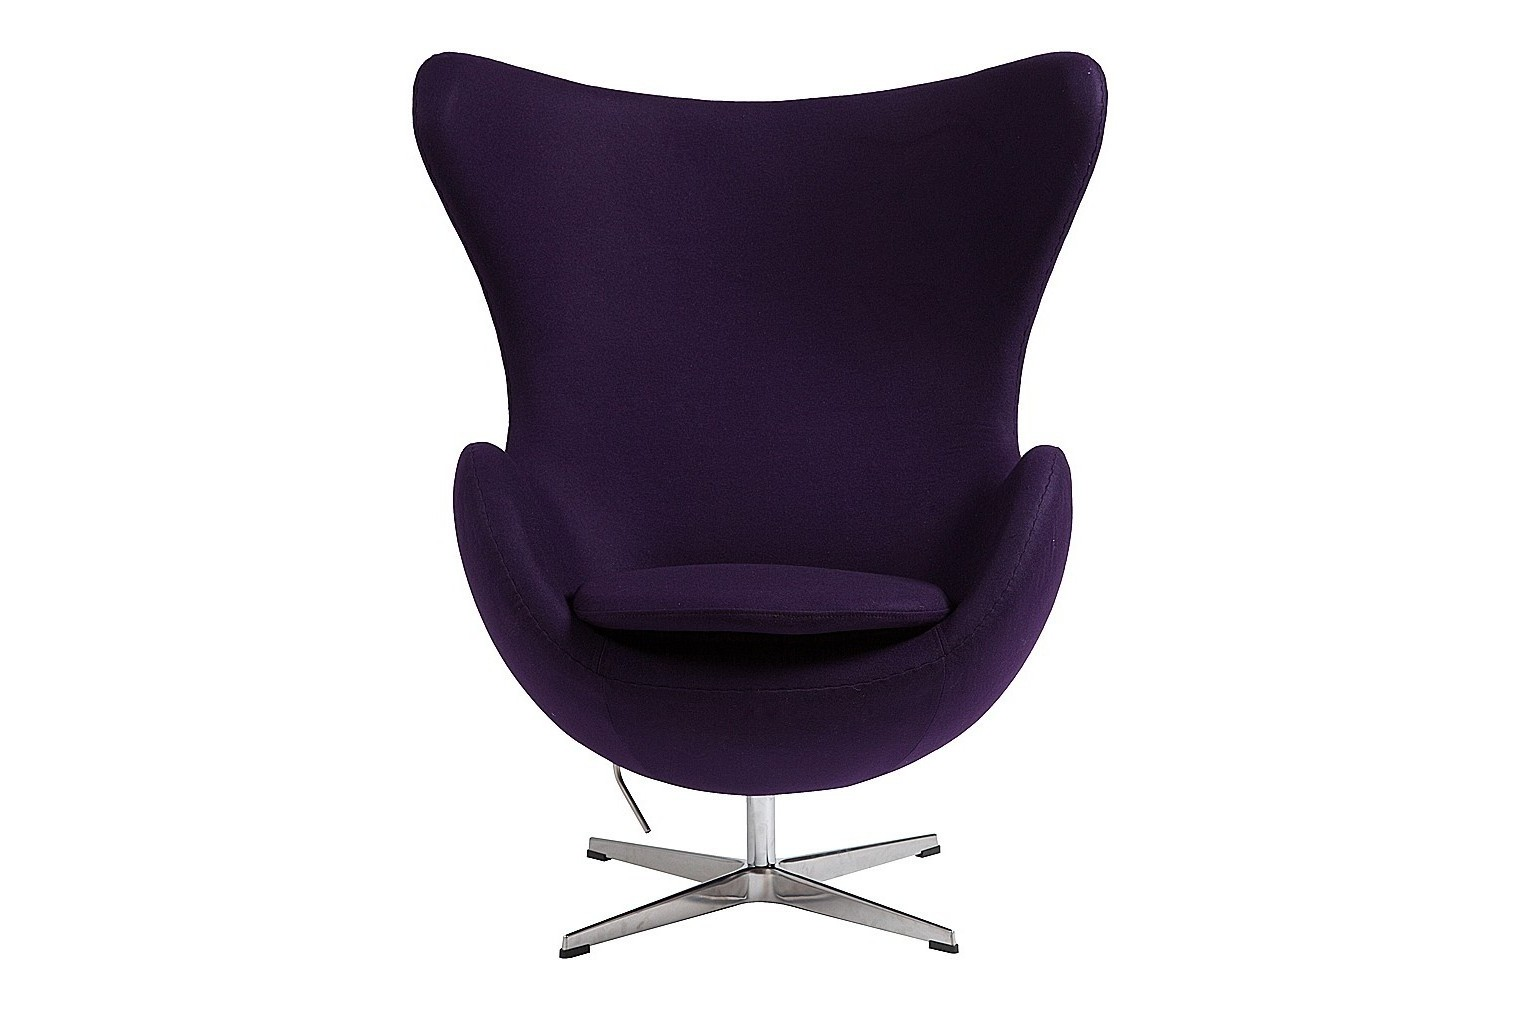 Кресло Egg ChairКресла с высокой спинкой<br>Кресло Egg Chair (Яйцо), созданное в 1958 году датским дизайнером Арне Якобсеном, обладает исключительной привлекательностью и узнаваемостью во всем мире, занимает особое место в ряду культовой дизайнерской мебели XX века. Оно имеет экстравагантную форму и неординарное исполнение, что позволило ему стать совершенным воплощением классики нового времени. Кресло Egg Chair, выполненное из кашемировой ткани фиолетового цвета в форме яйца, подарит огромное множество положительных эмоций и заставляет обращать на него внимание. Оно непременно задаёт основу для дизайна того или иного помещения. Прочный и массивный каркас из стекловолокна и ножка из нержавеющей стали гарантируют  долгий срок службы и устойчивость. Данное кресло — это поистине не стареющая классика в футуристическом исполнении! Купите великолепную реплику кресла Egg Chair — изготовленное из высококачественных материалов, оно понравится многим любителям нестандартного видения обыденных и, притом, качественных вещей.<br><br>Material: Шерсть<br>Width см: 82<br>Depth см: 76<br>Height см: 105